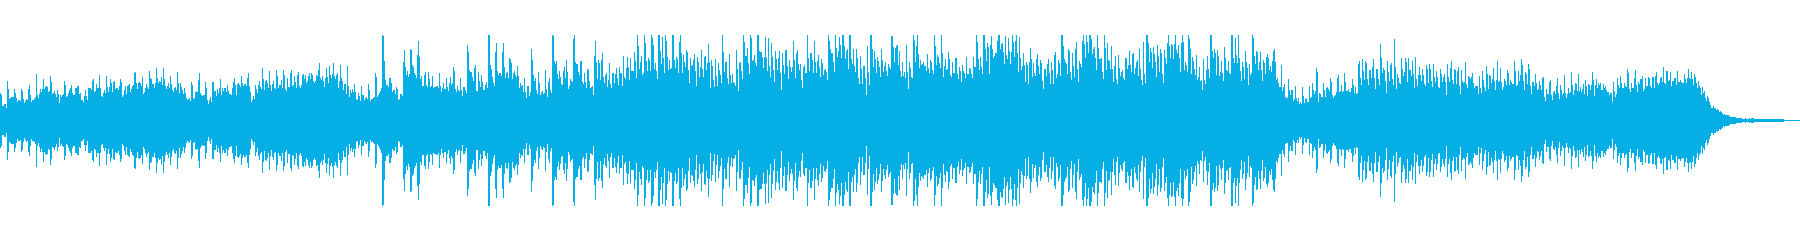 幻想的でお洒落な落ち着いたBGMの再生済みの波形